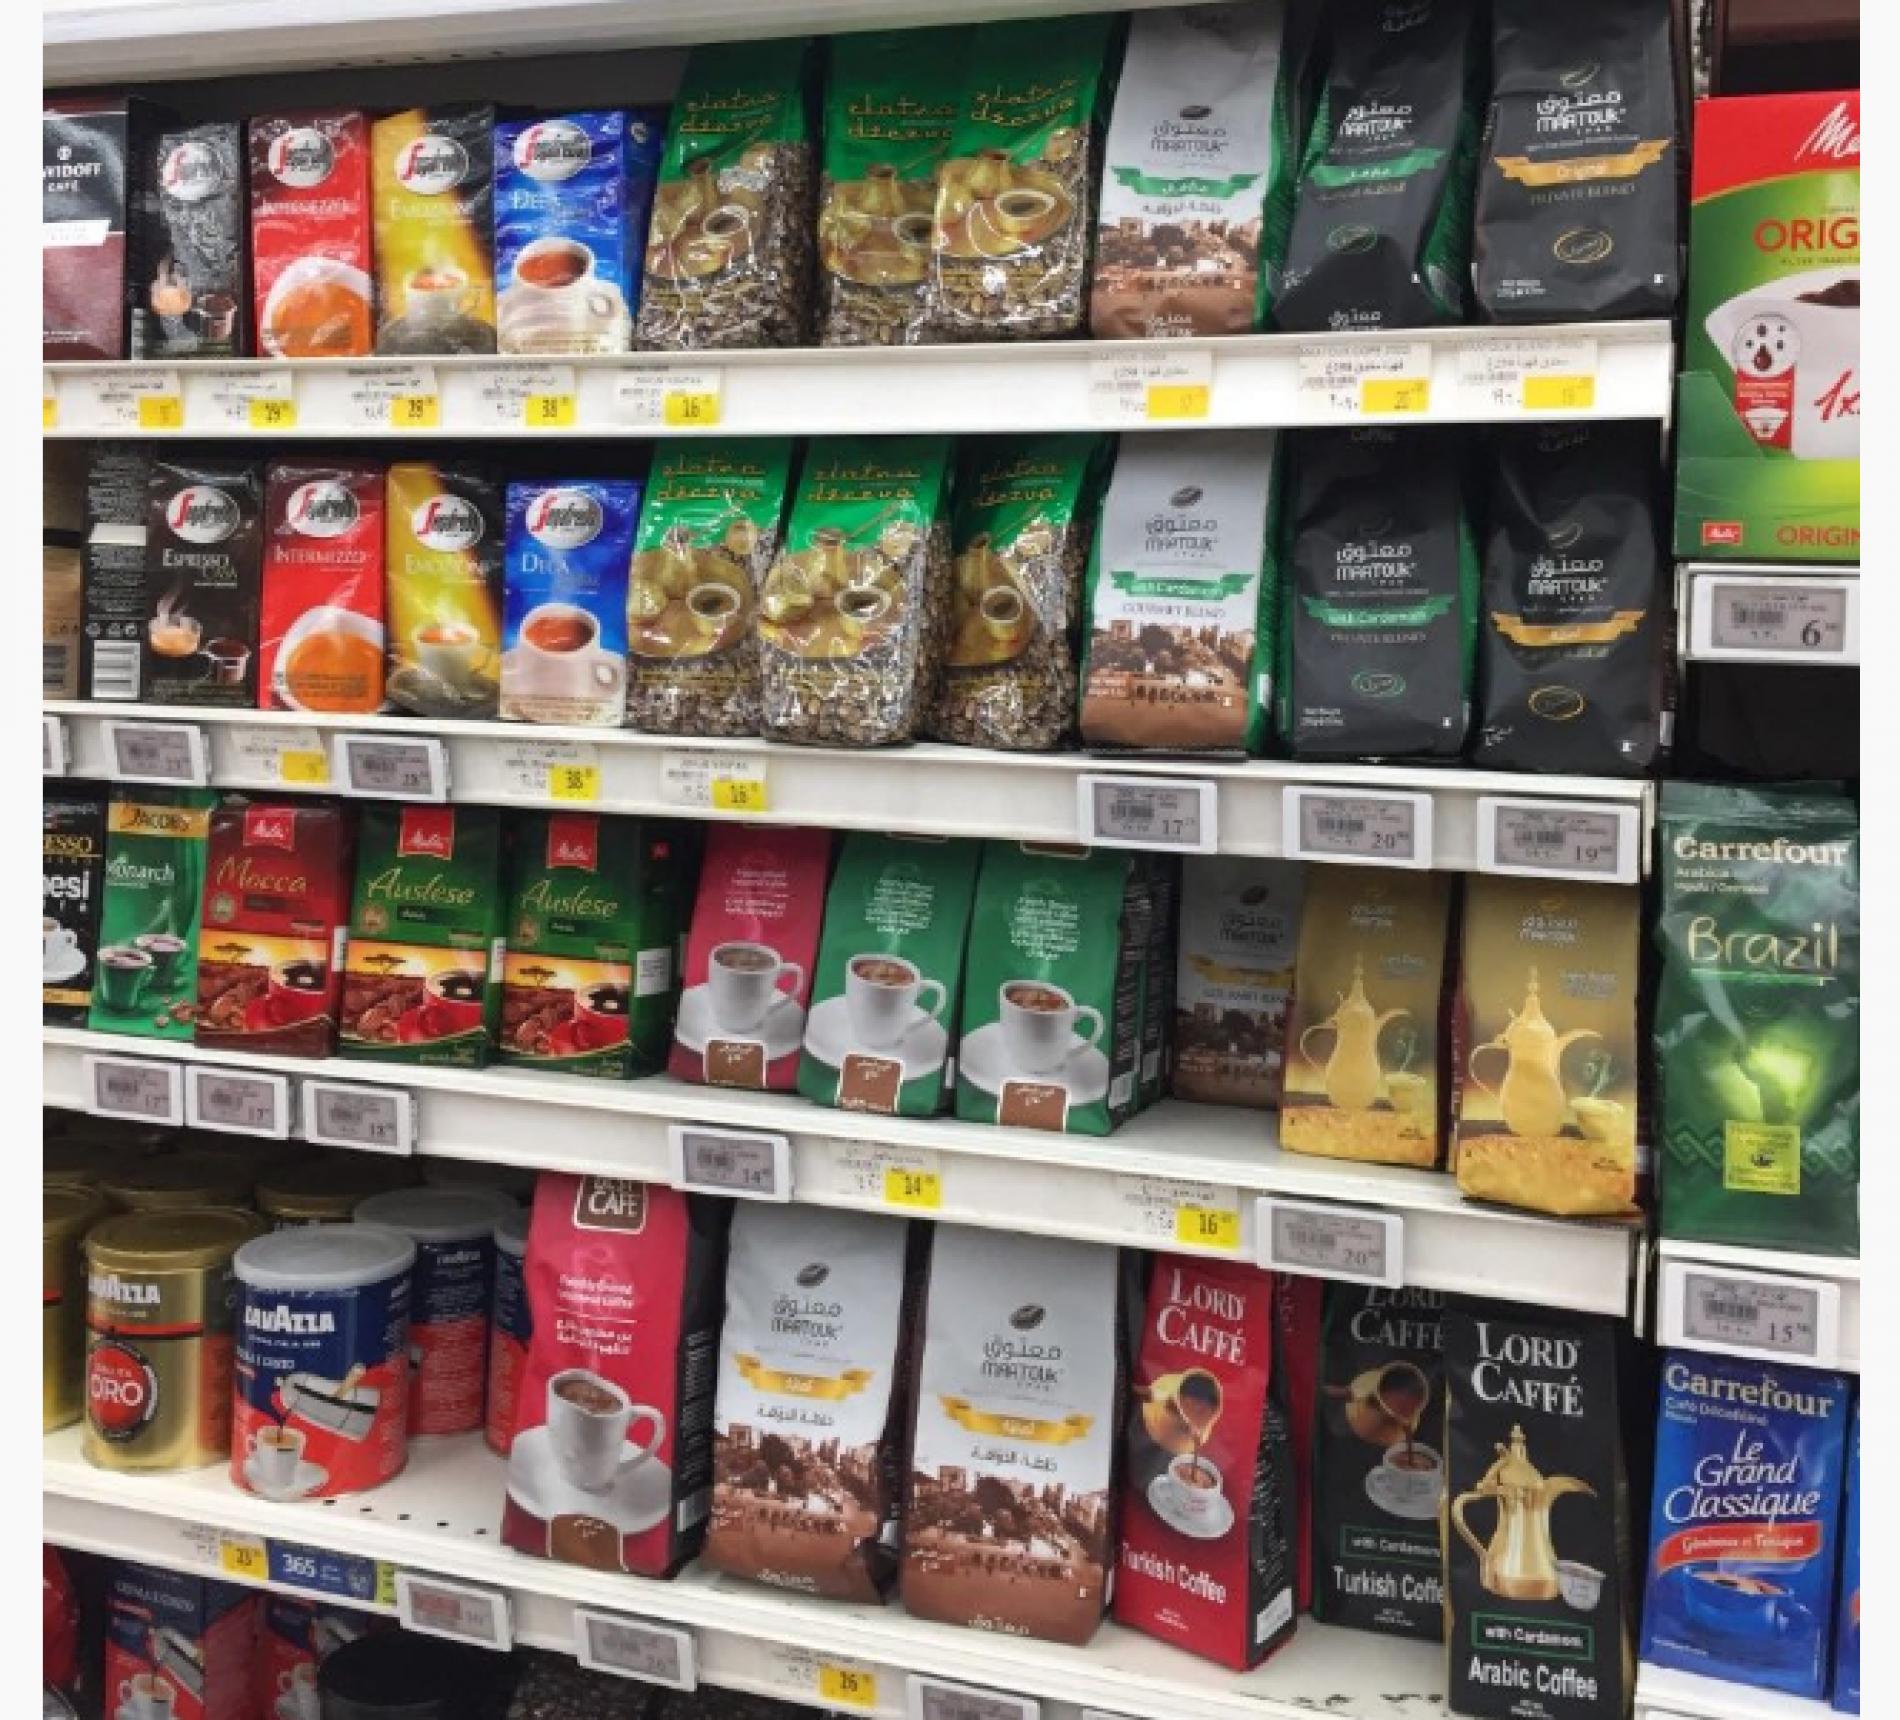 Bosanski brendovi u međunarodnom lancu trgovina Carrefour u Emiratima